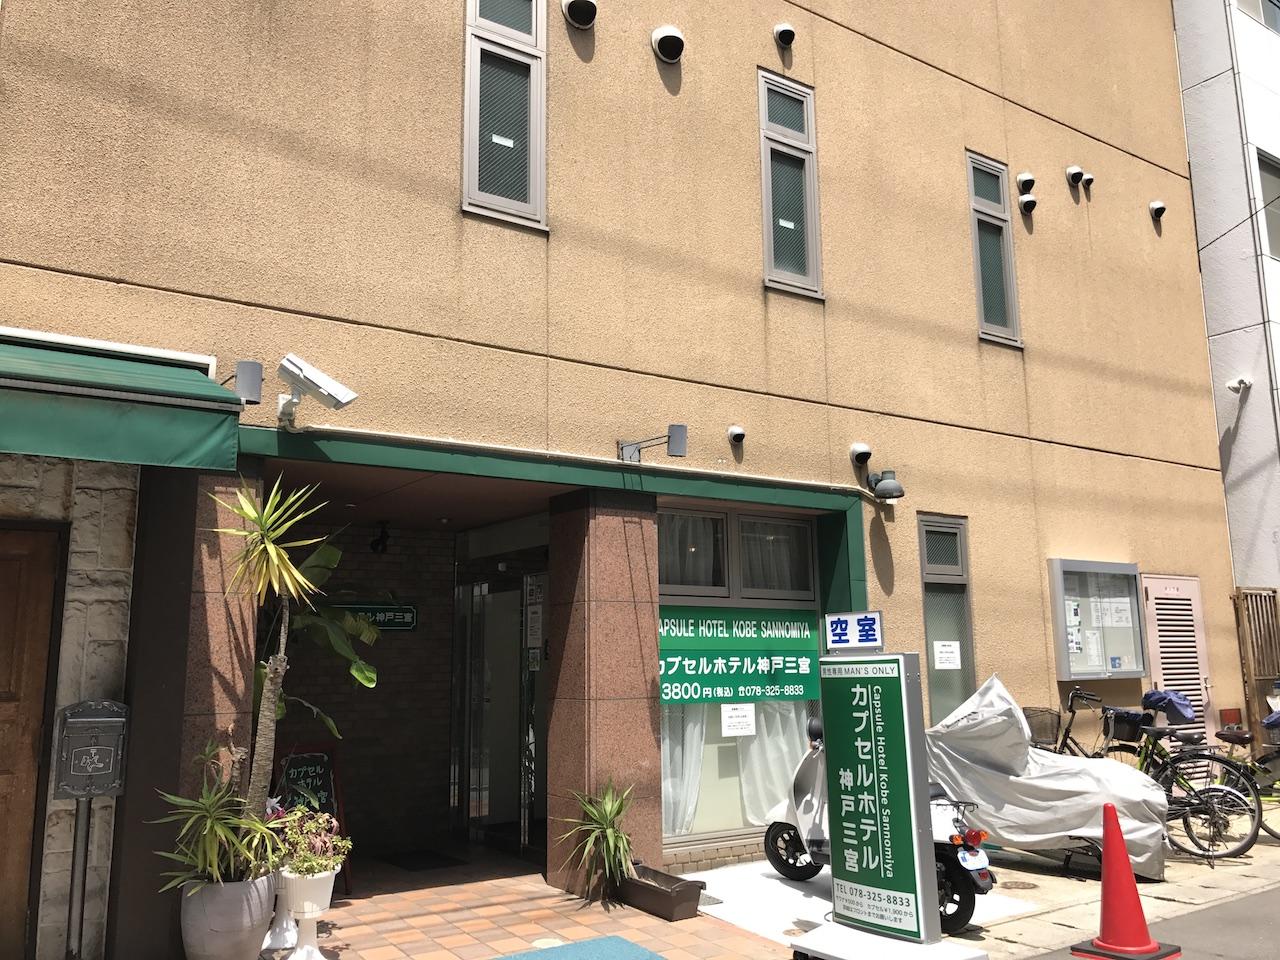 神戸でまずは一泊!さっそくカプセルホテルに泊まるというね!